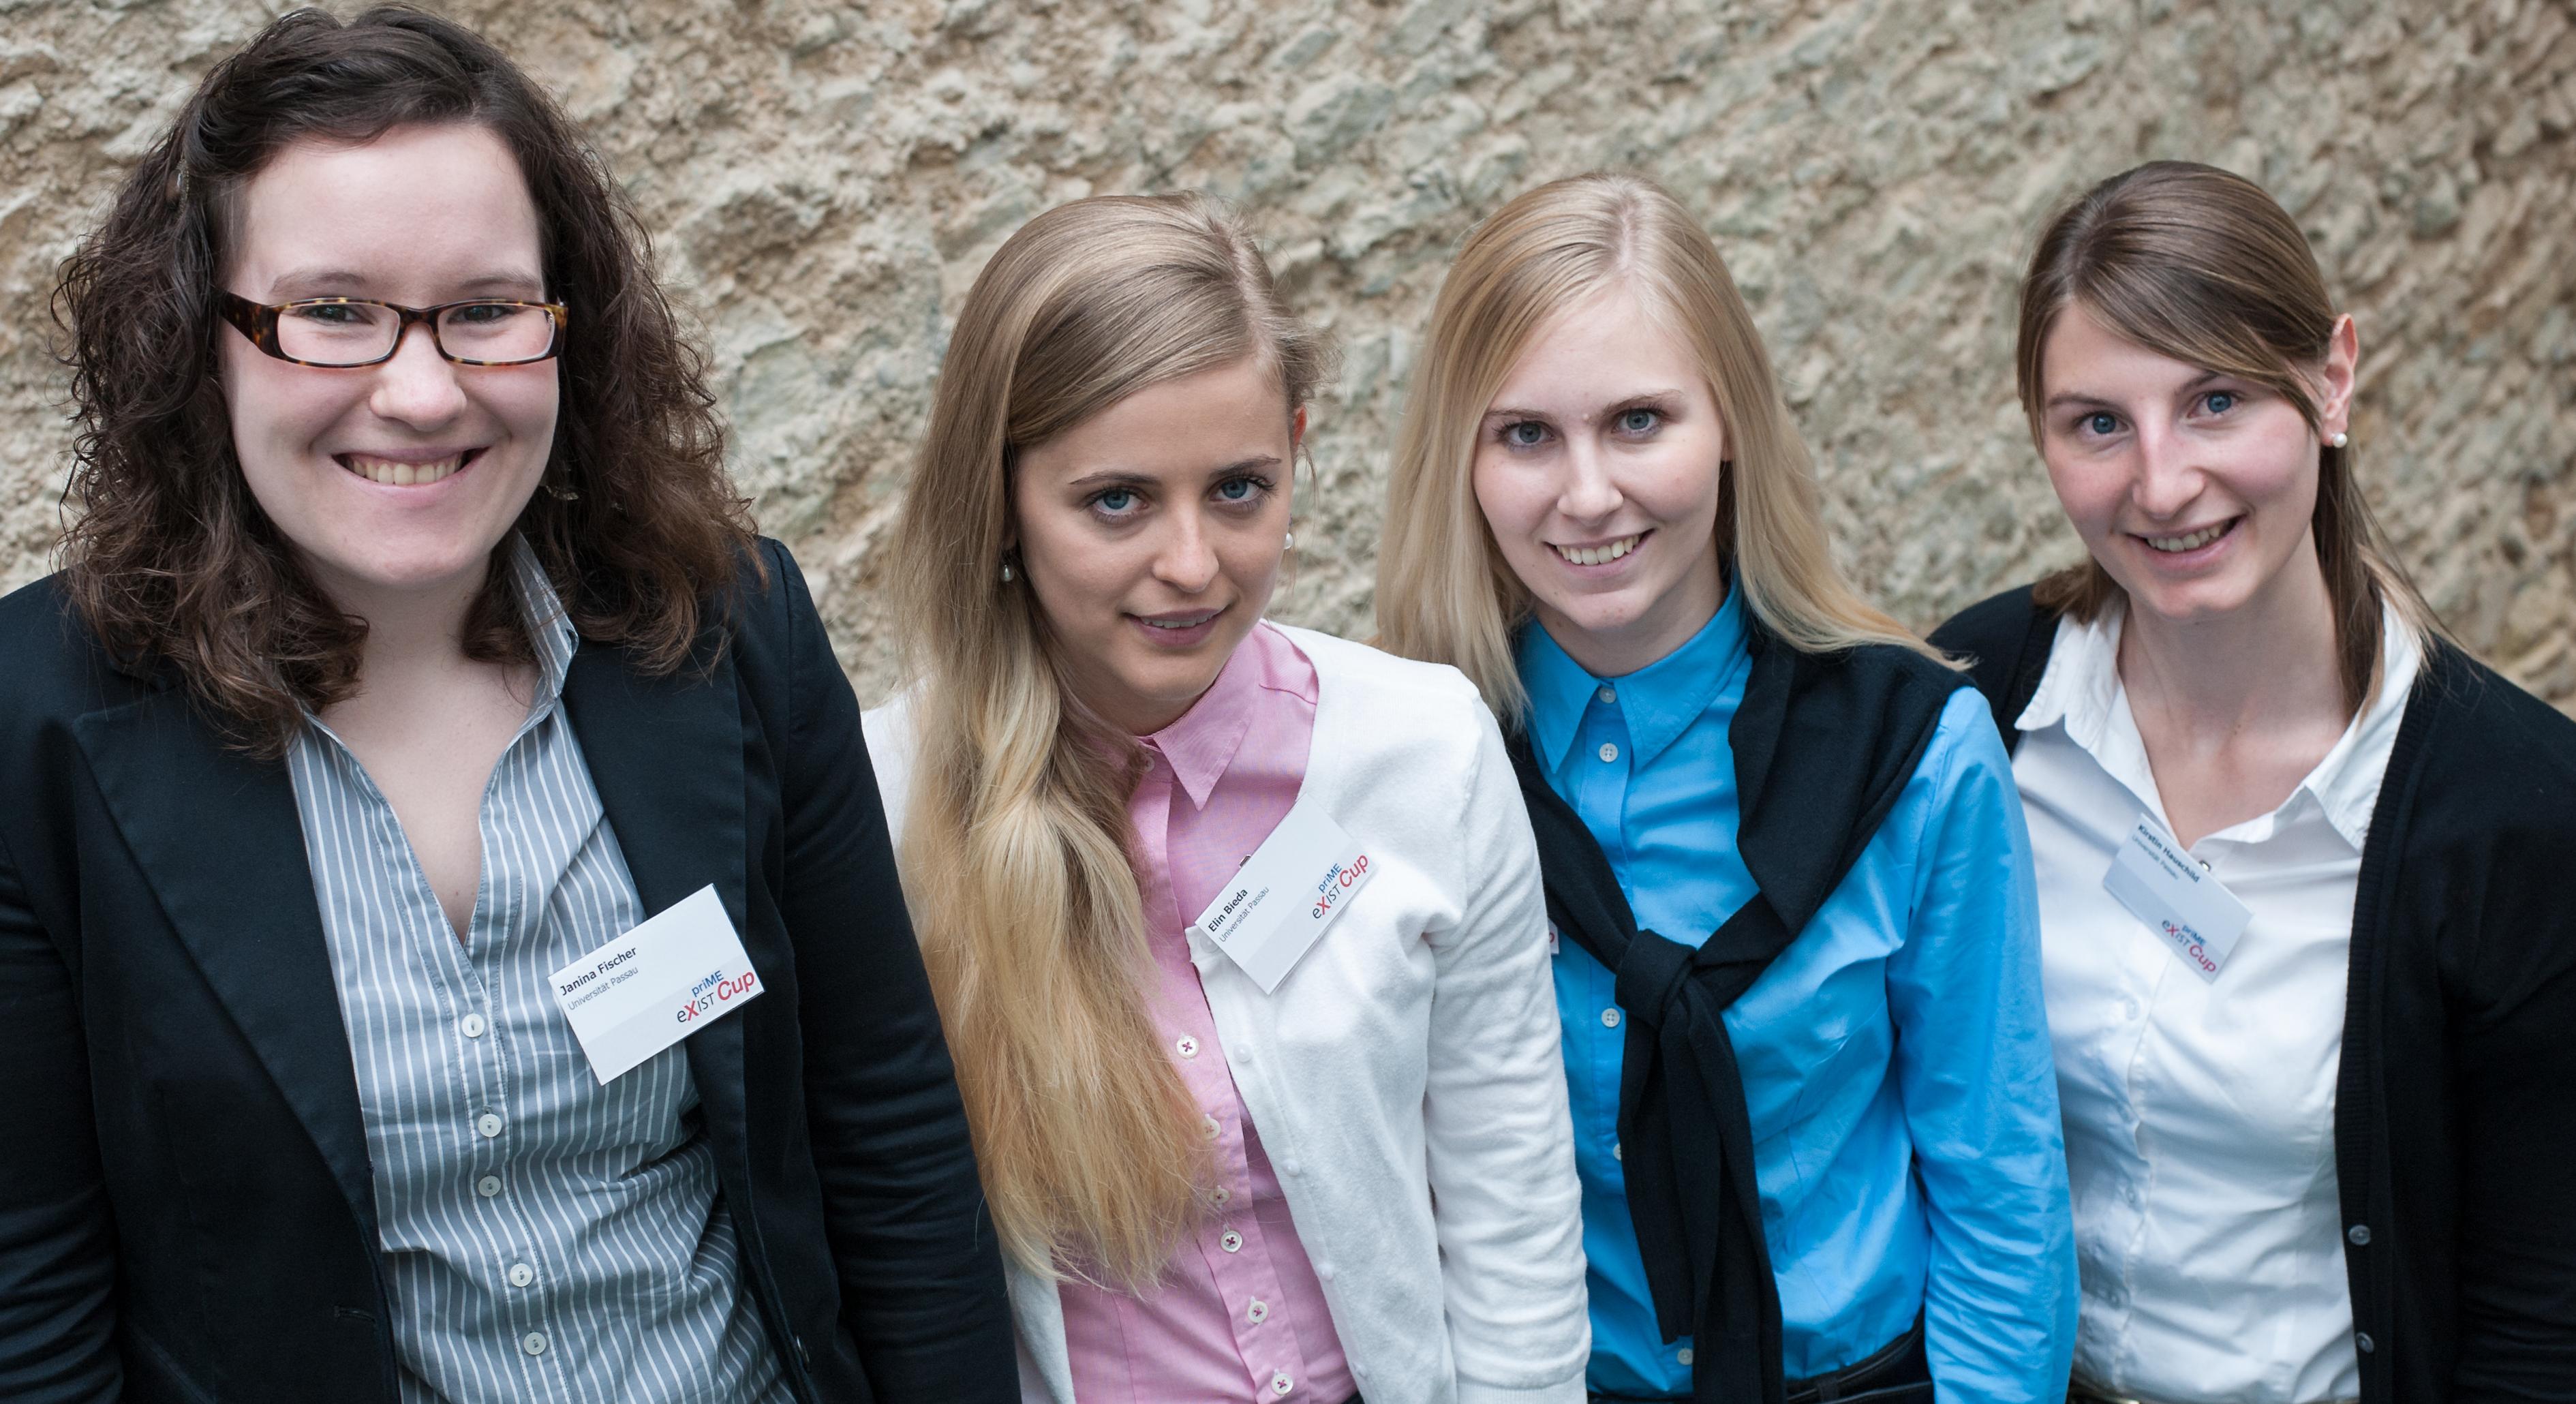 Das Passauer Studentinnen Team ließ die männliche Konkurrenz hinter sich zurück